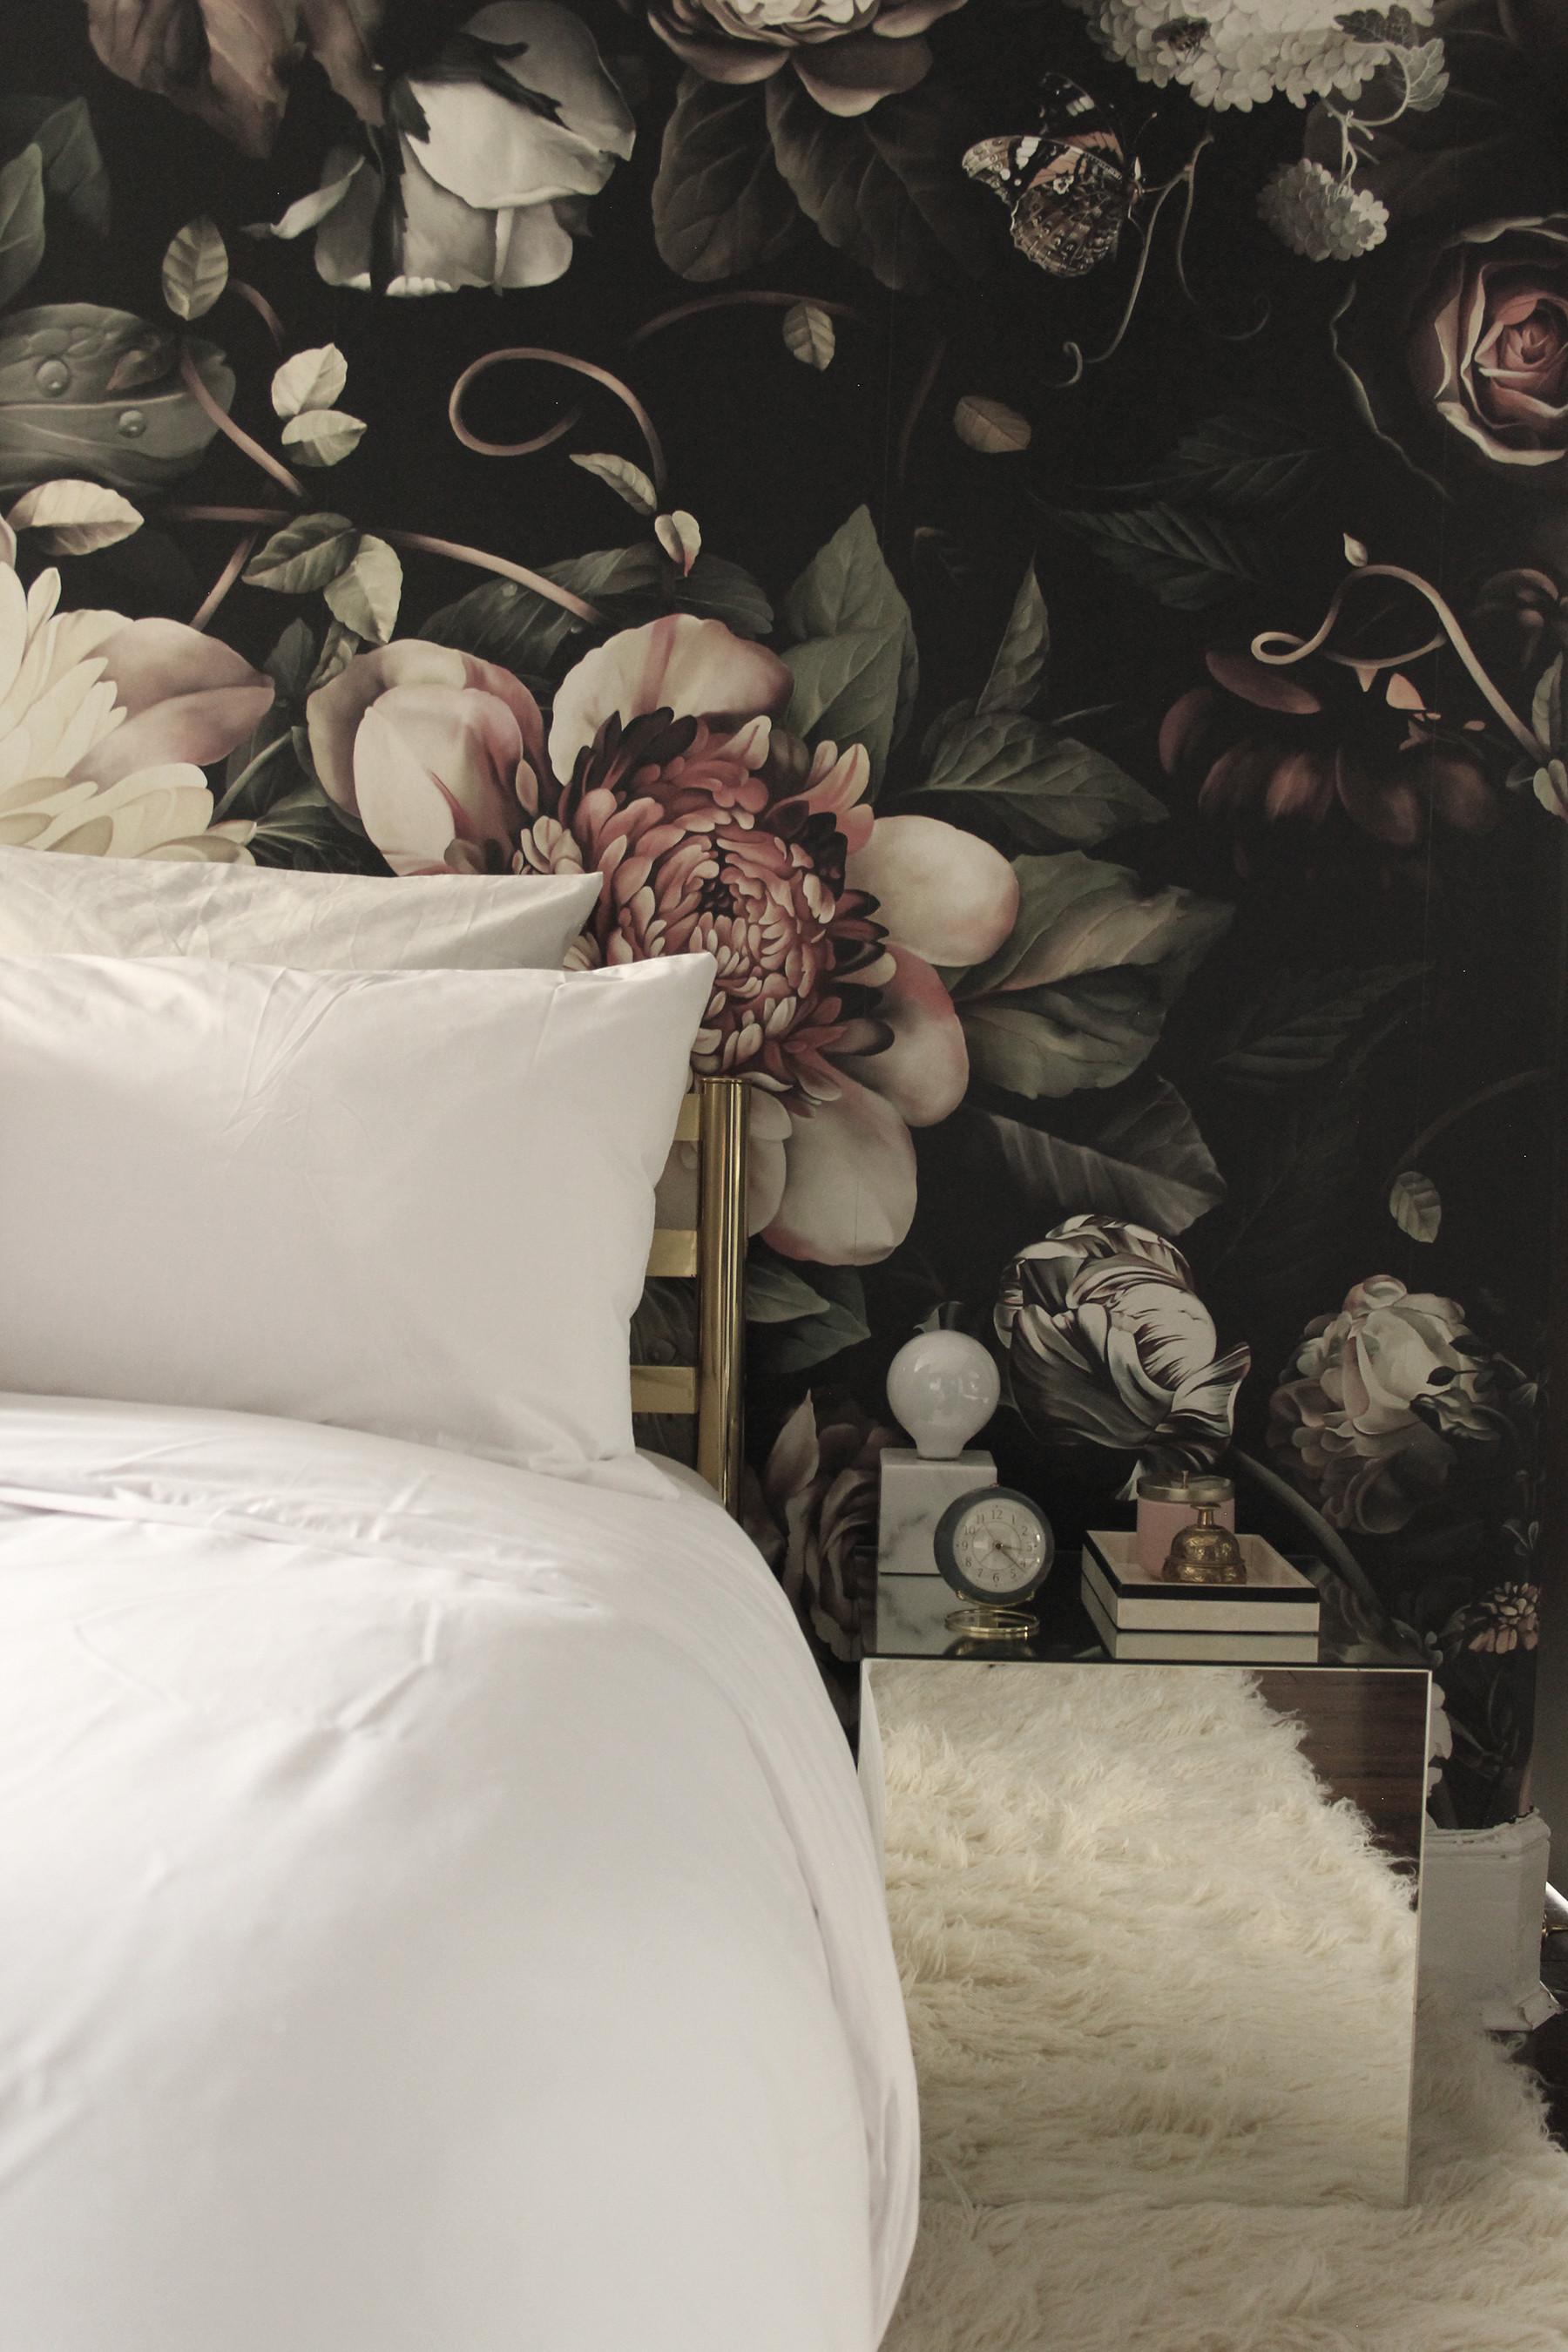 Preciously Me blog : One Room Challenge – Bedroom makeover reveal. Ellie  Cashman Dark Floral